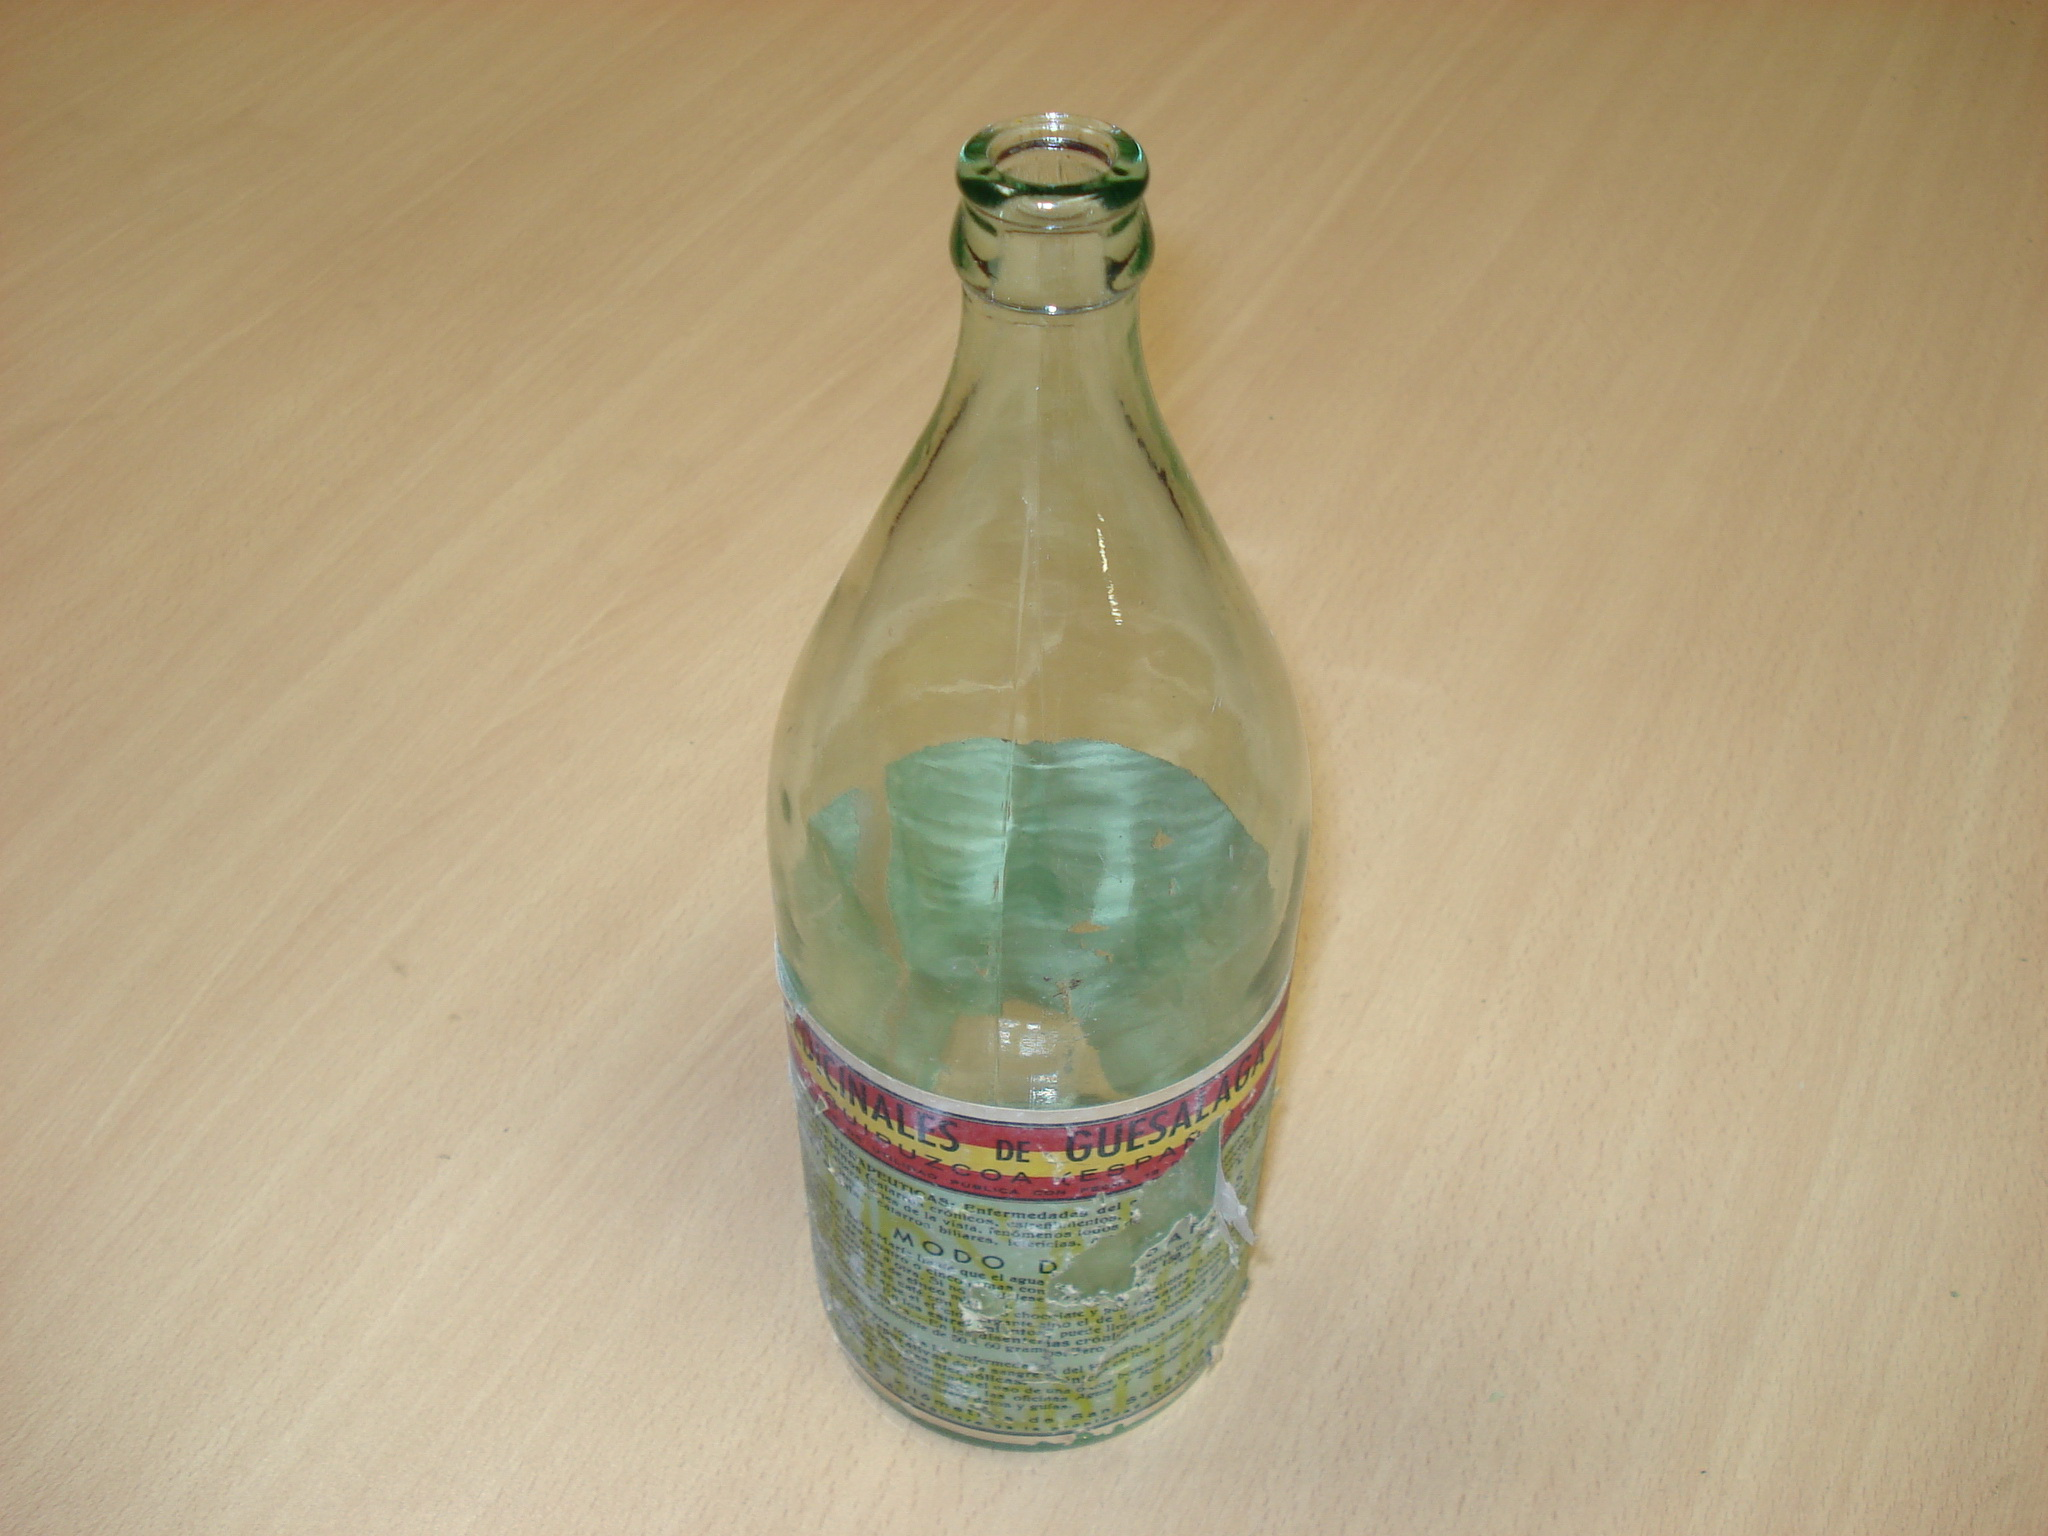 Botella de aguas medicinales  de Guesalaga en Cestona